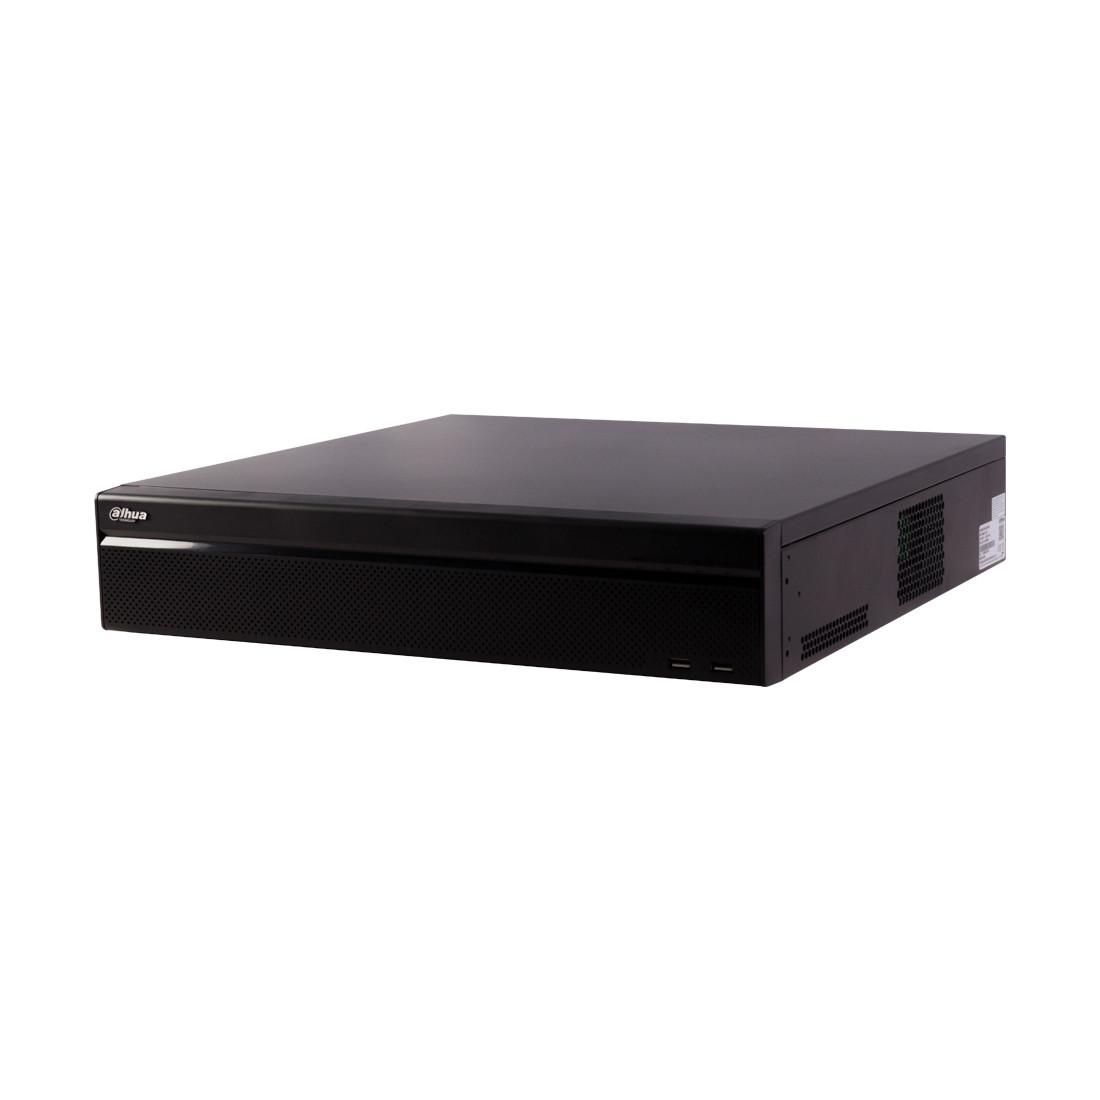 Dahua DHI-NVR4832-4KS2 Сетевой видеорегистратор 32 канала